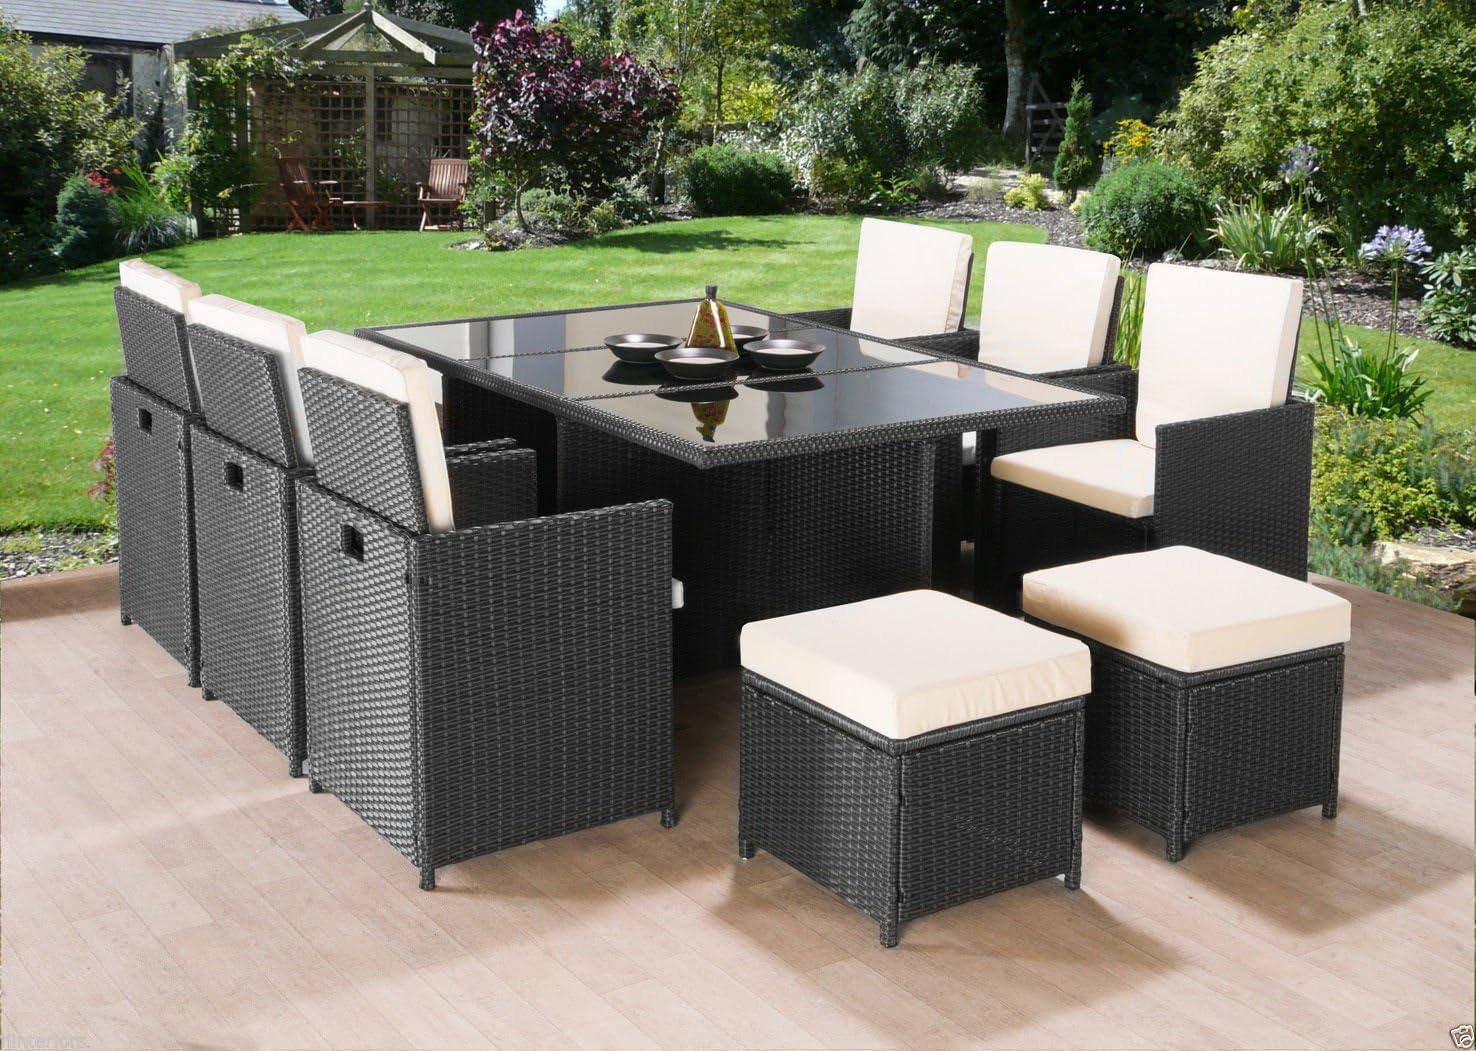 Cubo sofá Sillas de muebles de jardín Conjunto de comedor de ratán mesa para exteriores mimbre 10 asientos 11pieza Negro o Marrón, negro: Amazon.es: Jardín